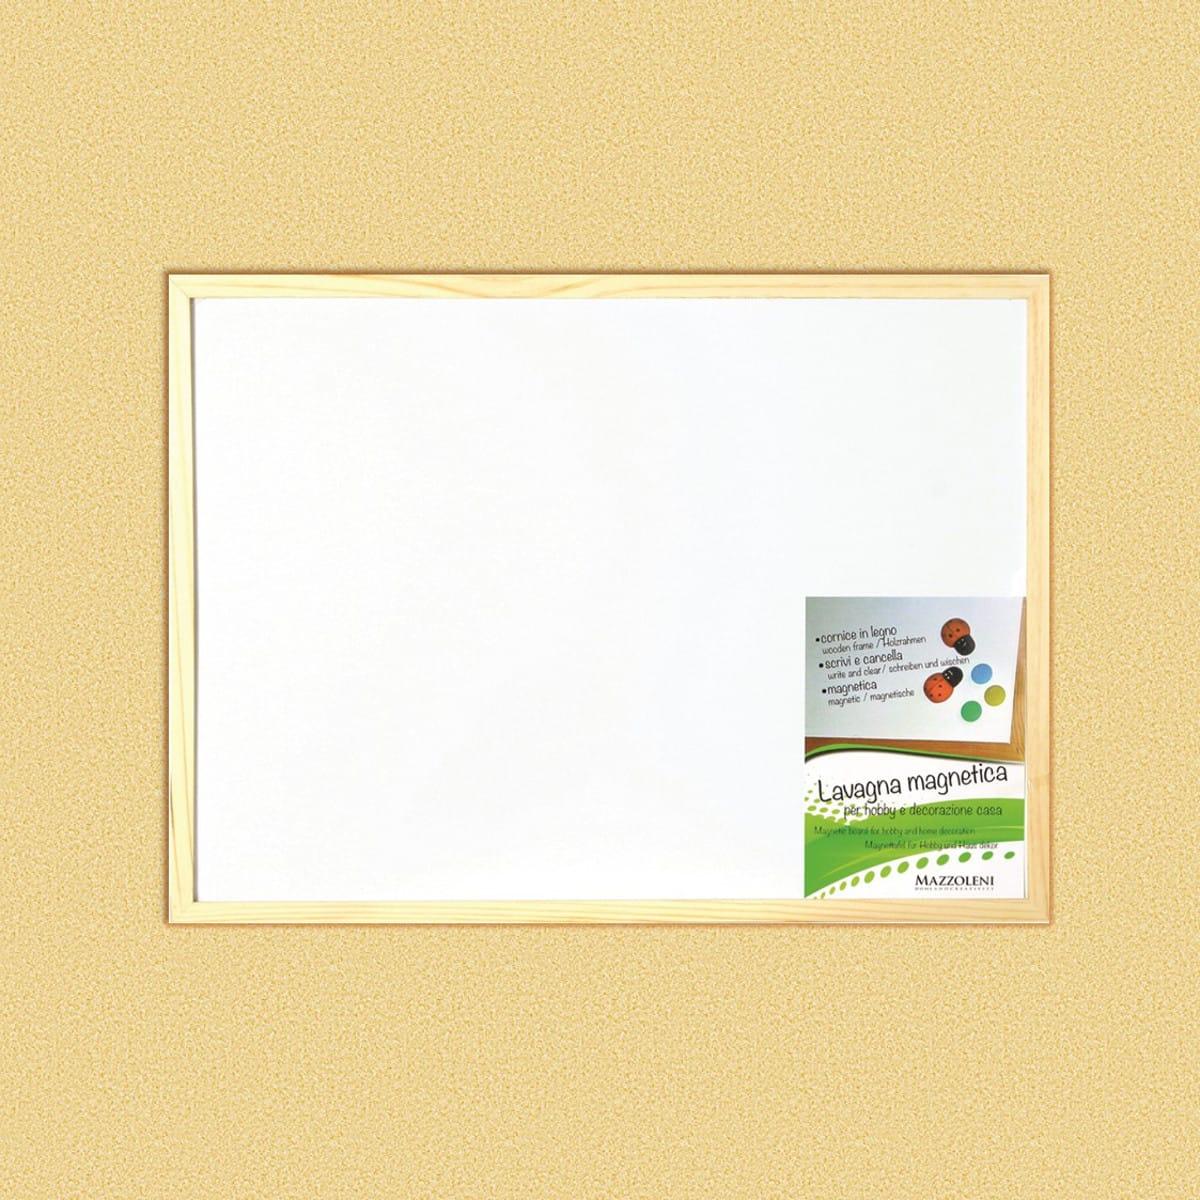 Lavagna Magnetica Cornice Legno 45 X 30 Cm Prezzi E Offerte Online